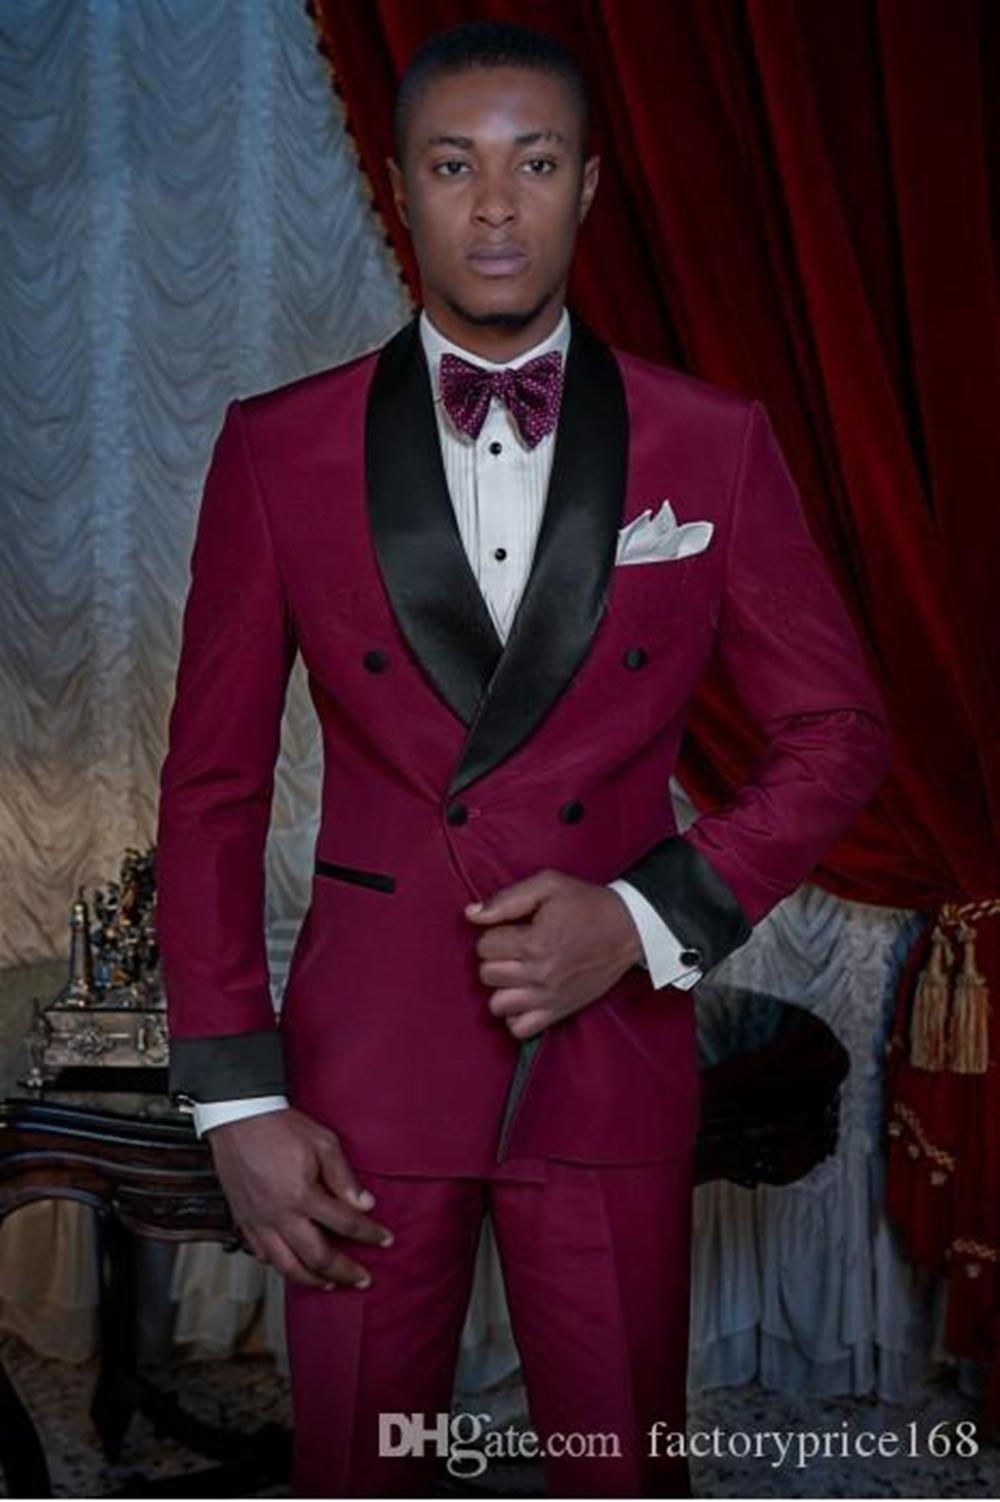 Popüler çift Breasted Groomsmen Şal Yaka (Ceket + Pantolon + Kravat) Damat smokin Groomsmen Best Man Suit Erkek Düğün Suit Damat A180